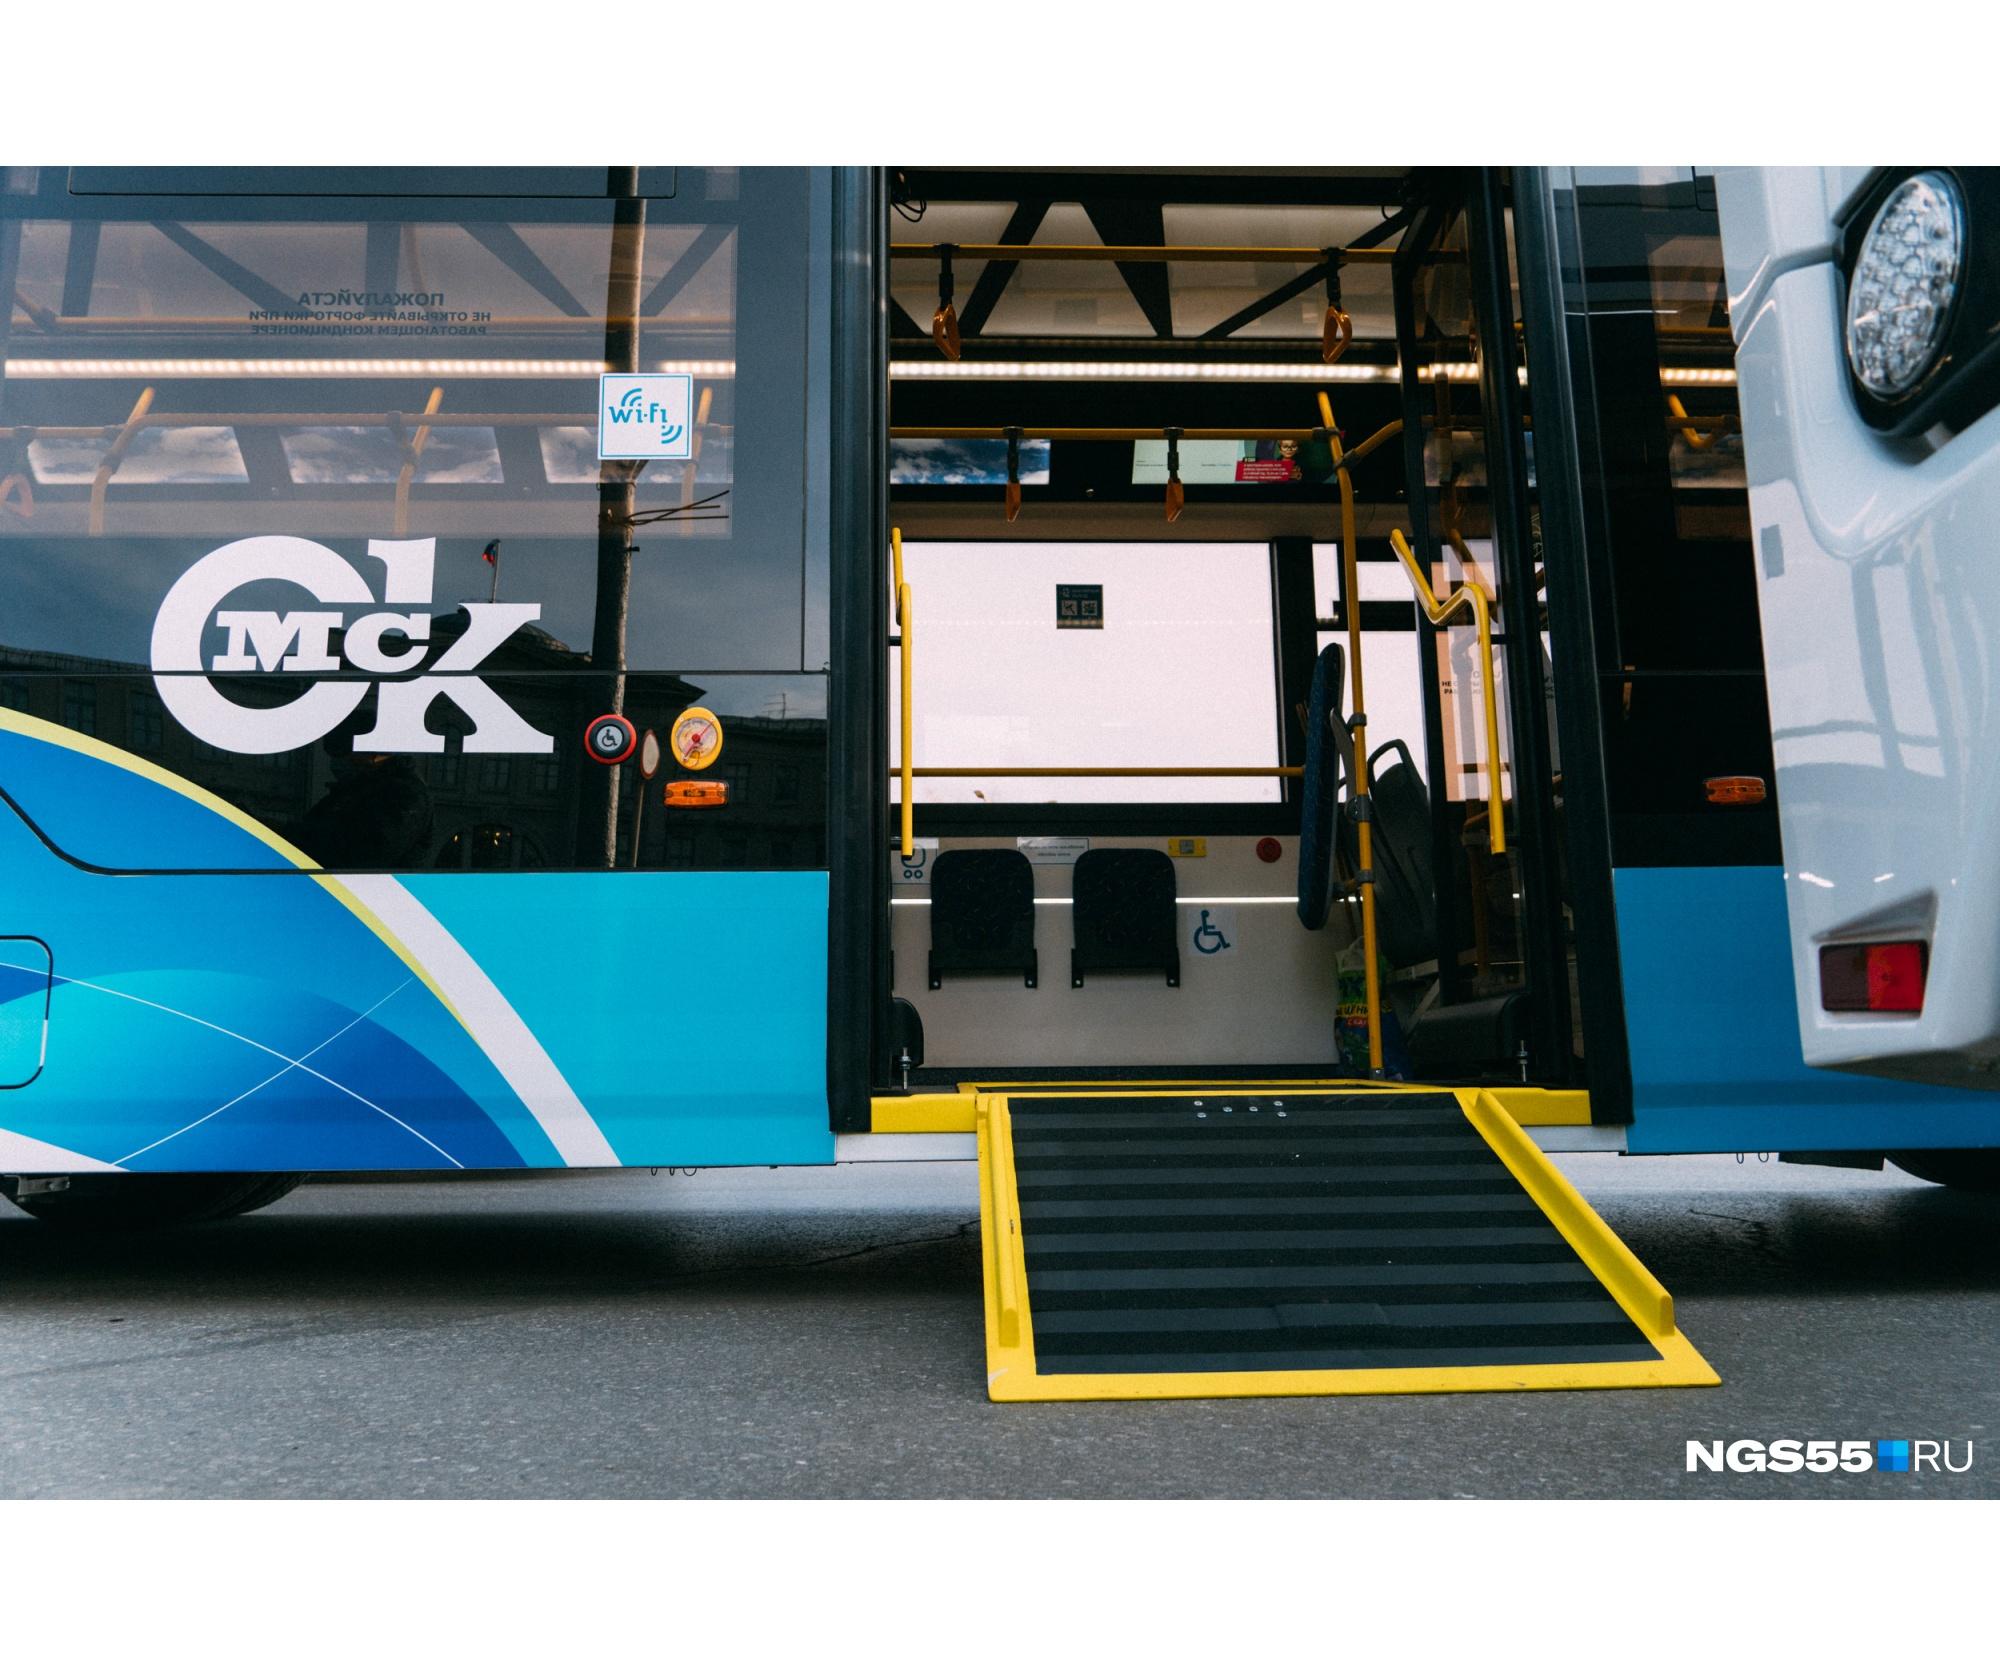 Транспорт доступен инвалидам. Они могут воспользоваться кнопками вызова и оповещения водителя, а также местом с фиксацией для инвалидной коляски